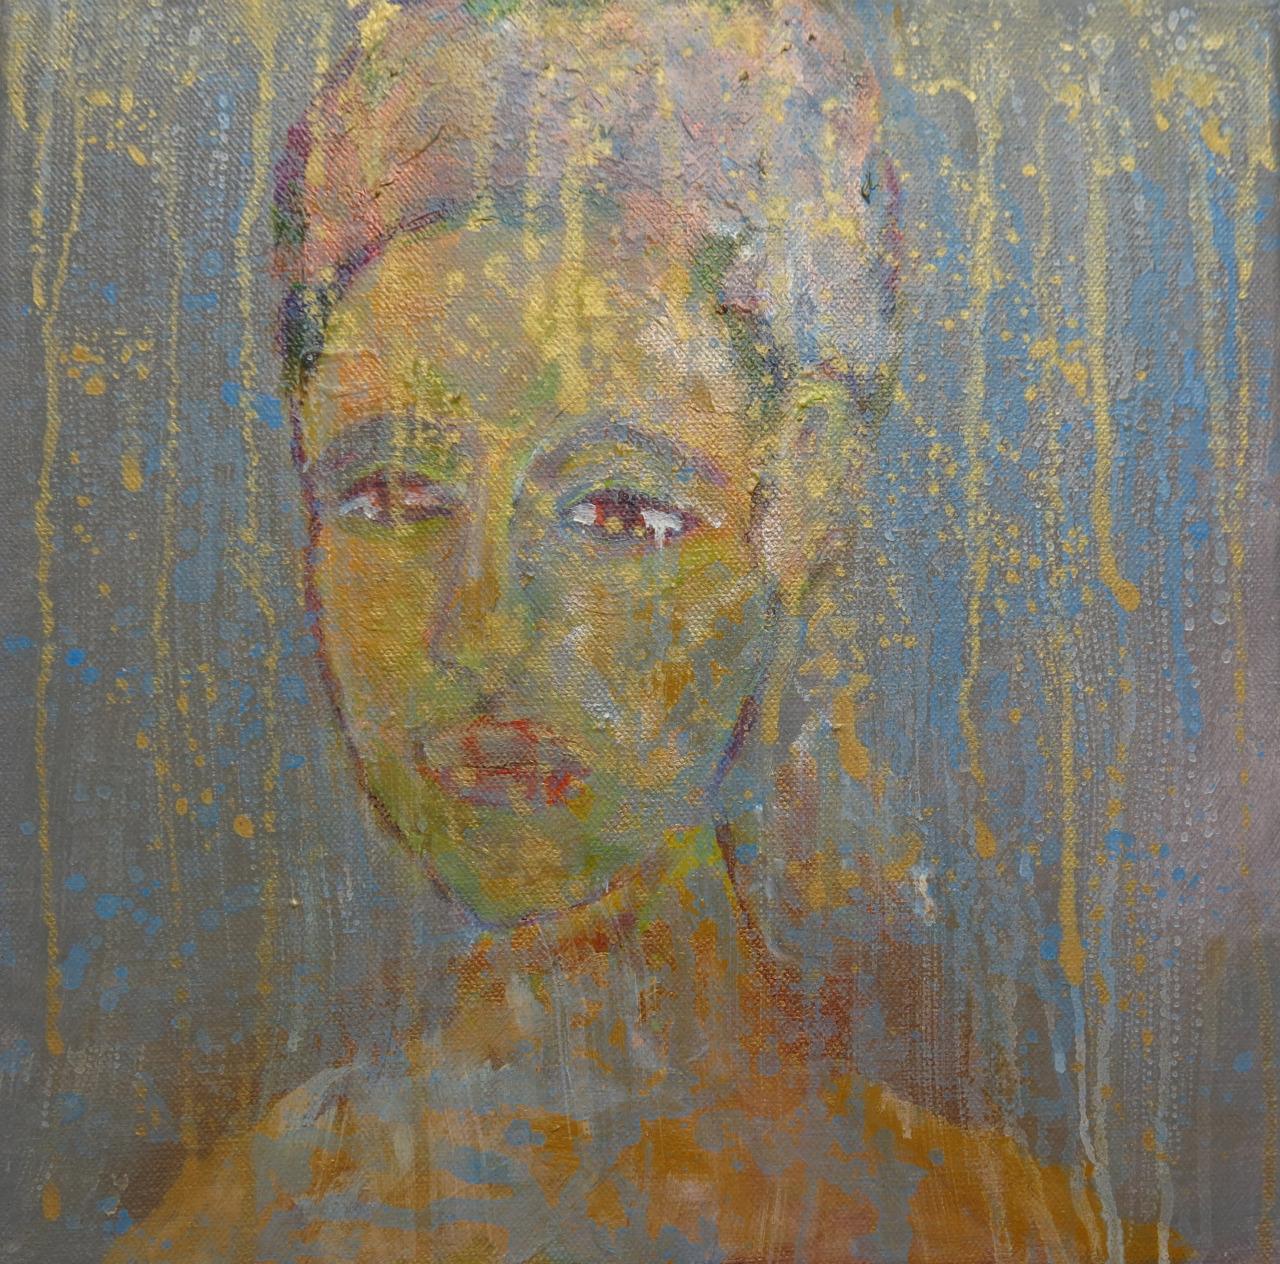 Dame mit einem Ohrring, Mischtechnik auf Leinwand, 30x30 cm, 2014